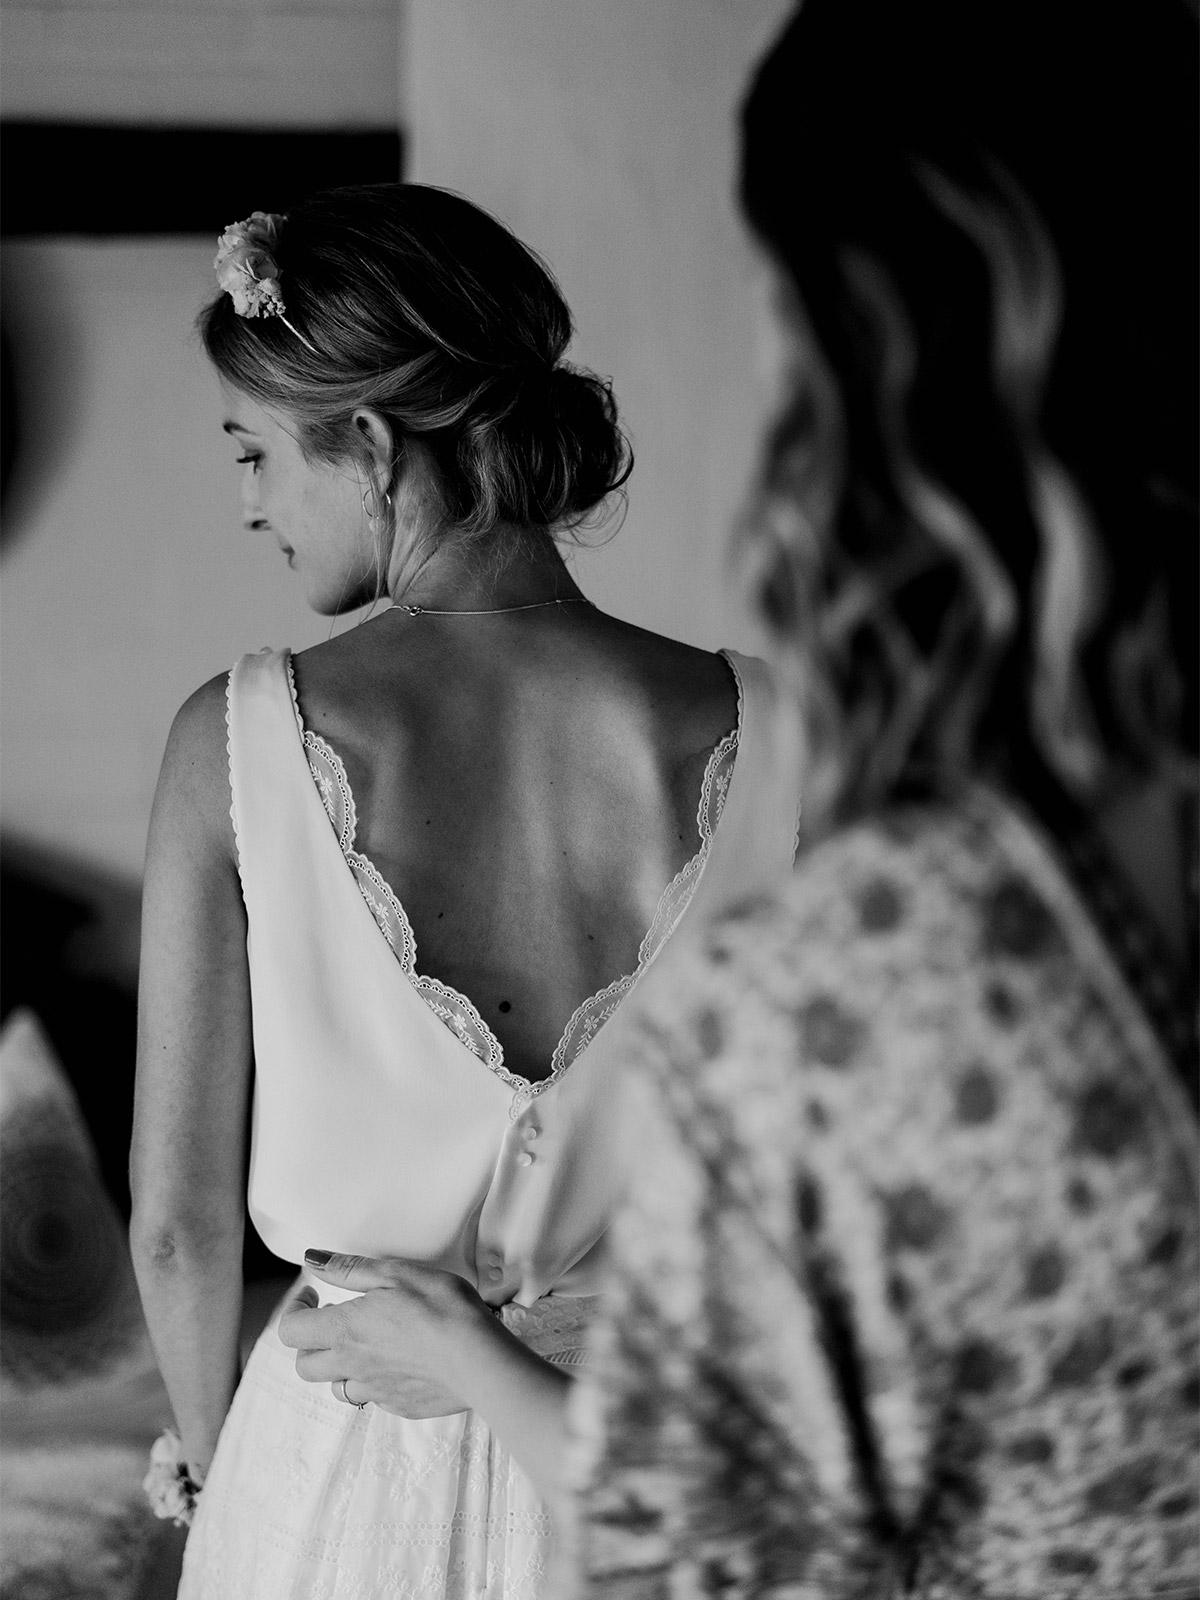 zweiteiliges Hochzeitskleid zum Standesamt: aus ärmelloser Bluse mit tiefem Rückenausschnitt und Spitze und A-Linien Rock festgehalten von Spreewald Hochzeitsfotograf aus Berlin © www.hochzeitslicht.de #hochzeitslicht